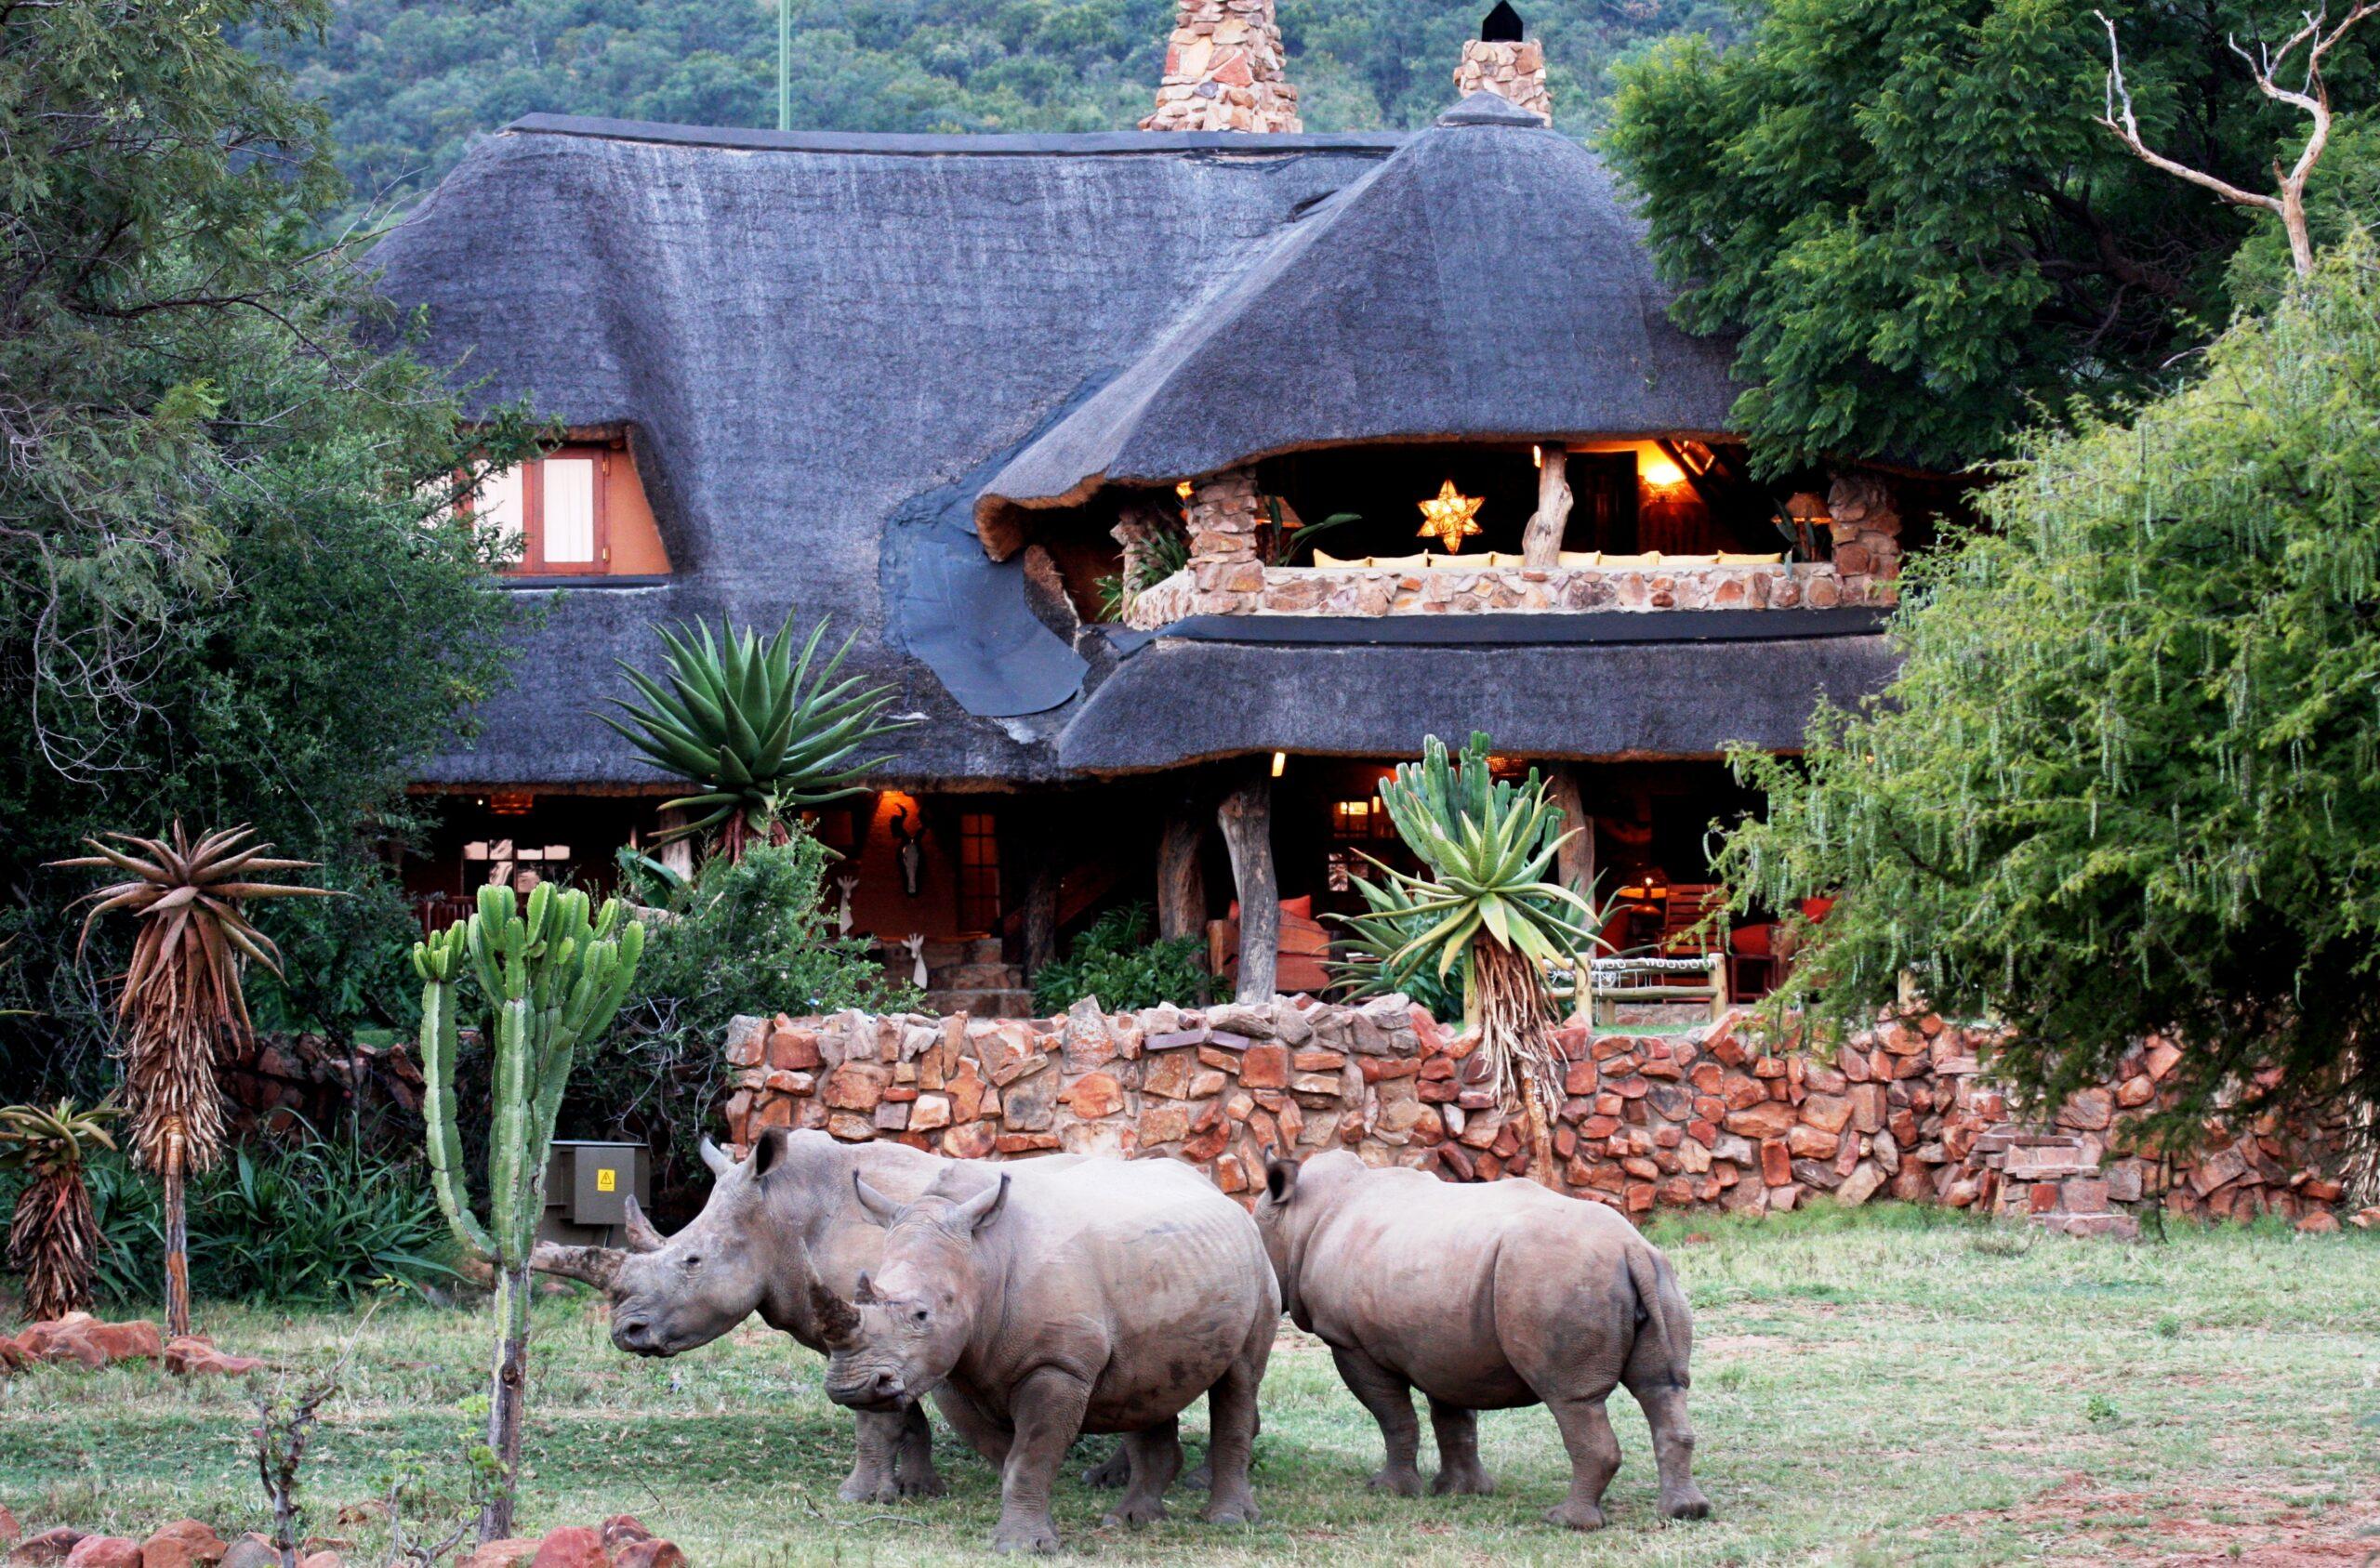 Safari te paard in Ants Lodges / Zuid Afrika - Vakantie te paard / Reisbureau Perla